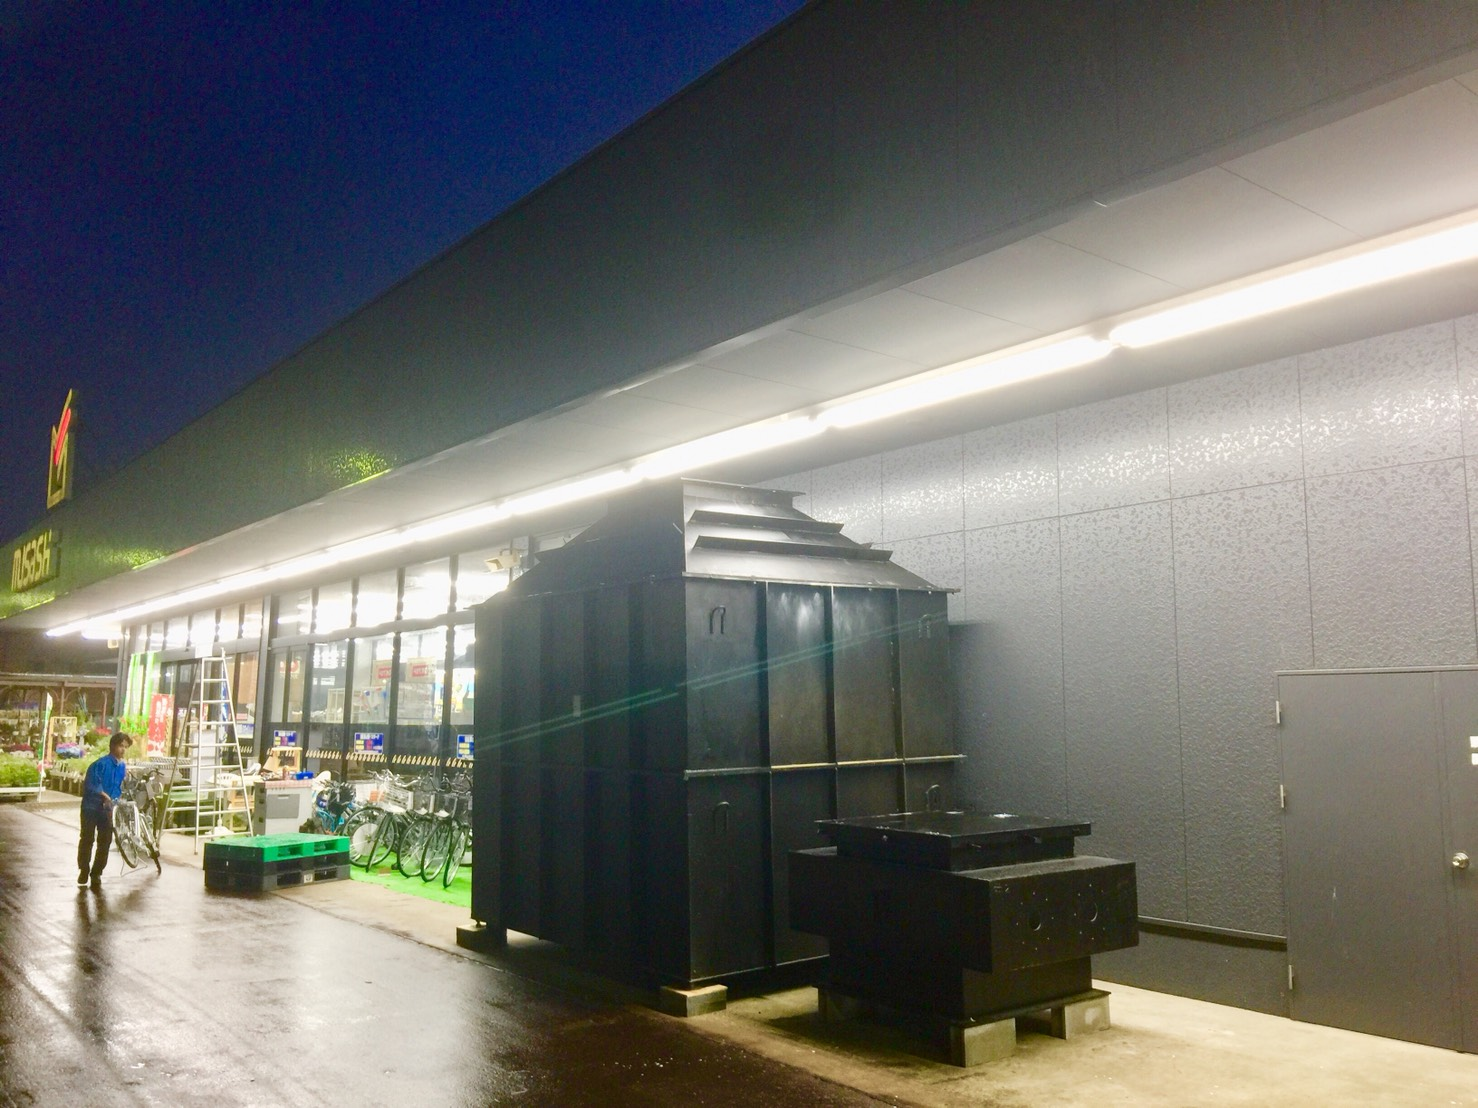 山形県のホームセンタームサシ長井店で日本初、ホームセンターでのシェルター販売がスタート!